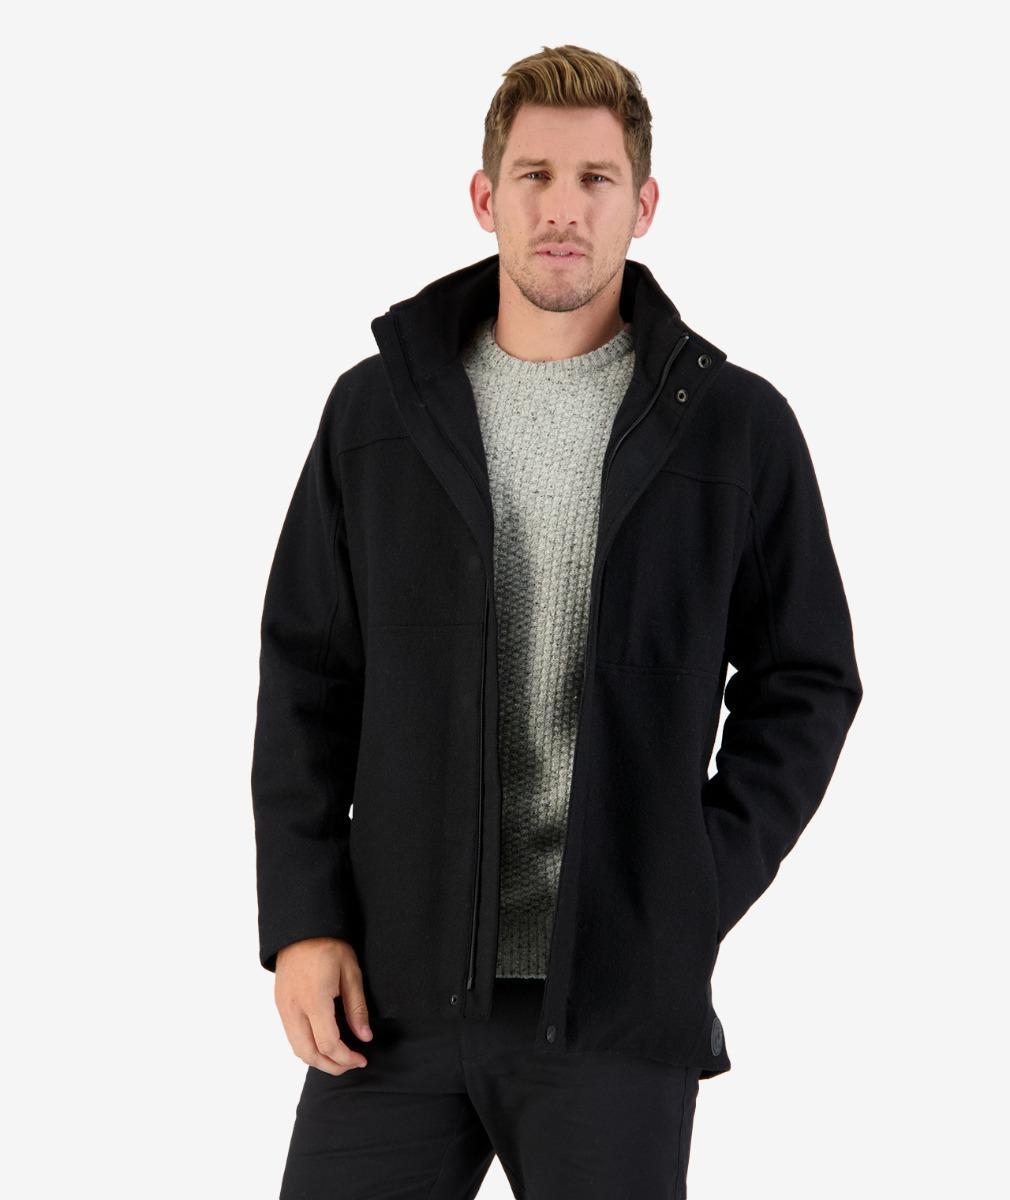 Richmond Rd Coat in Black Tweed